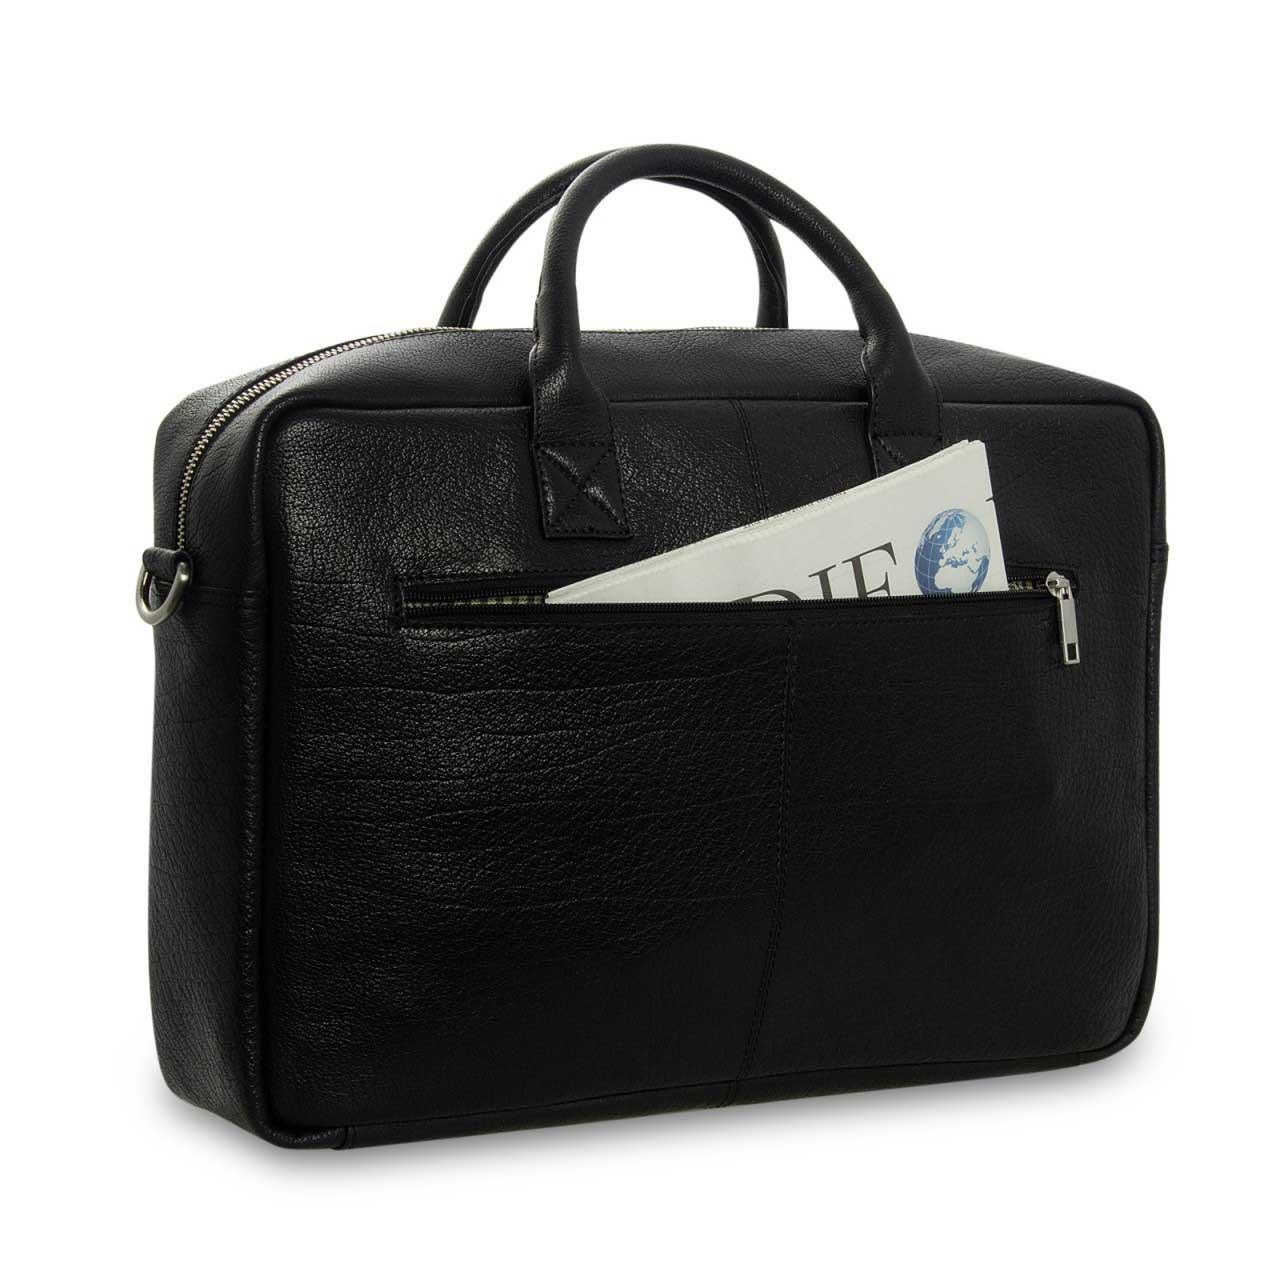 STILORD Umhängetasche Messenger Bag für Akten Ordner Groß 17.3 Zoll Laptop Tablet Tasche aus Leder schwarz  - Bild 8